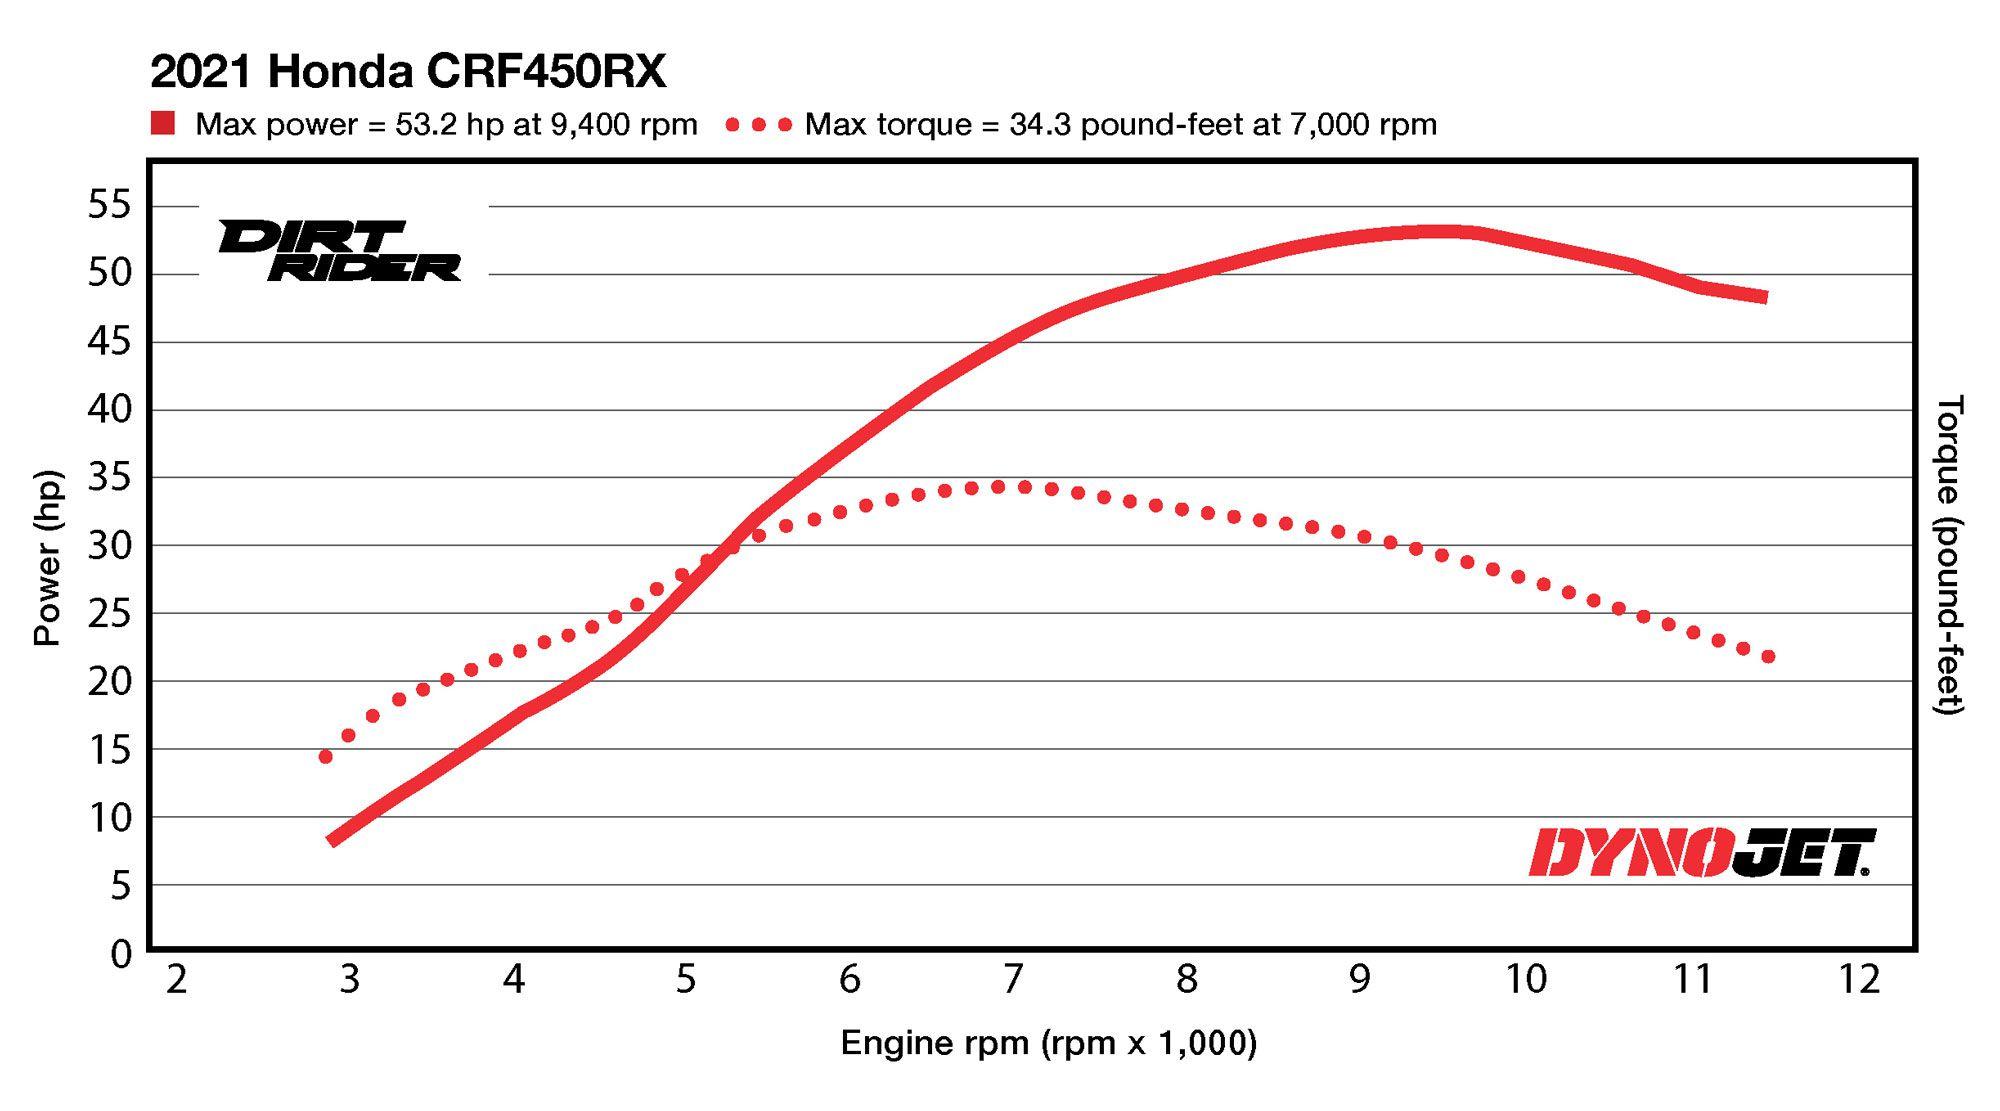 2021 Honda CRF450RX Dyno Test